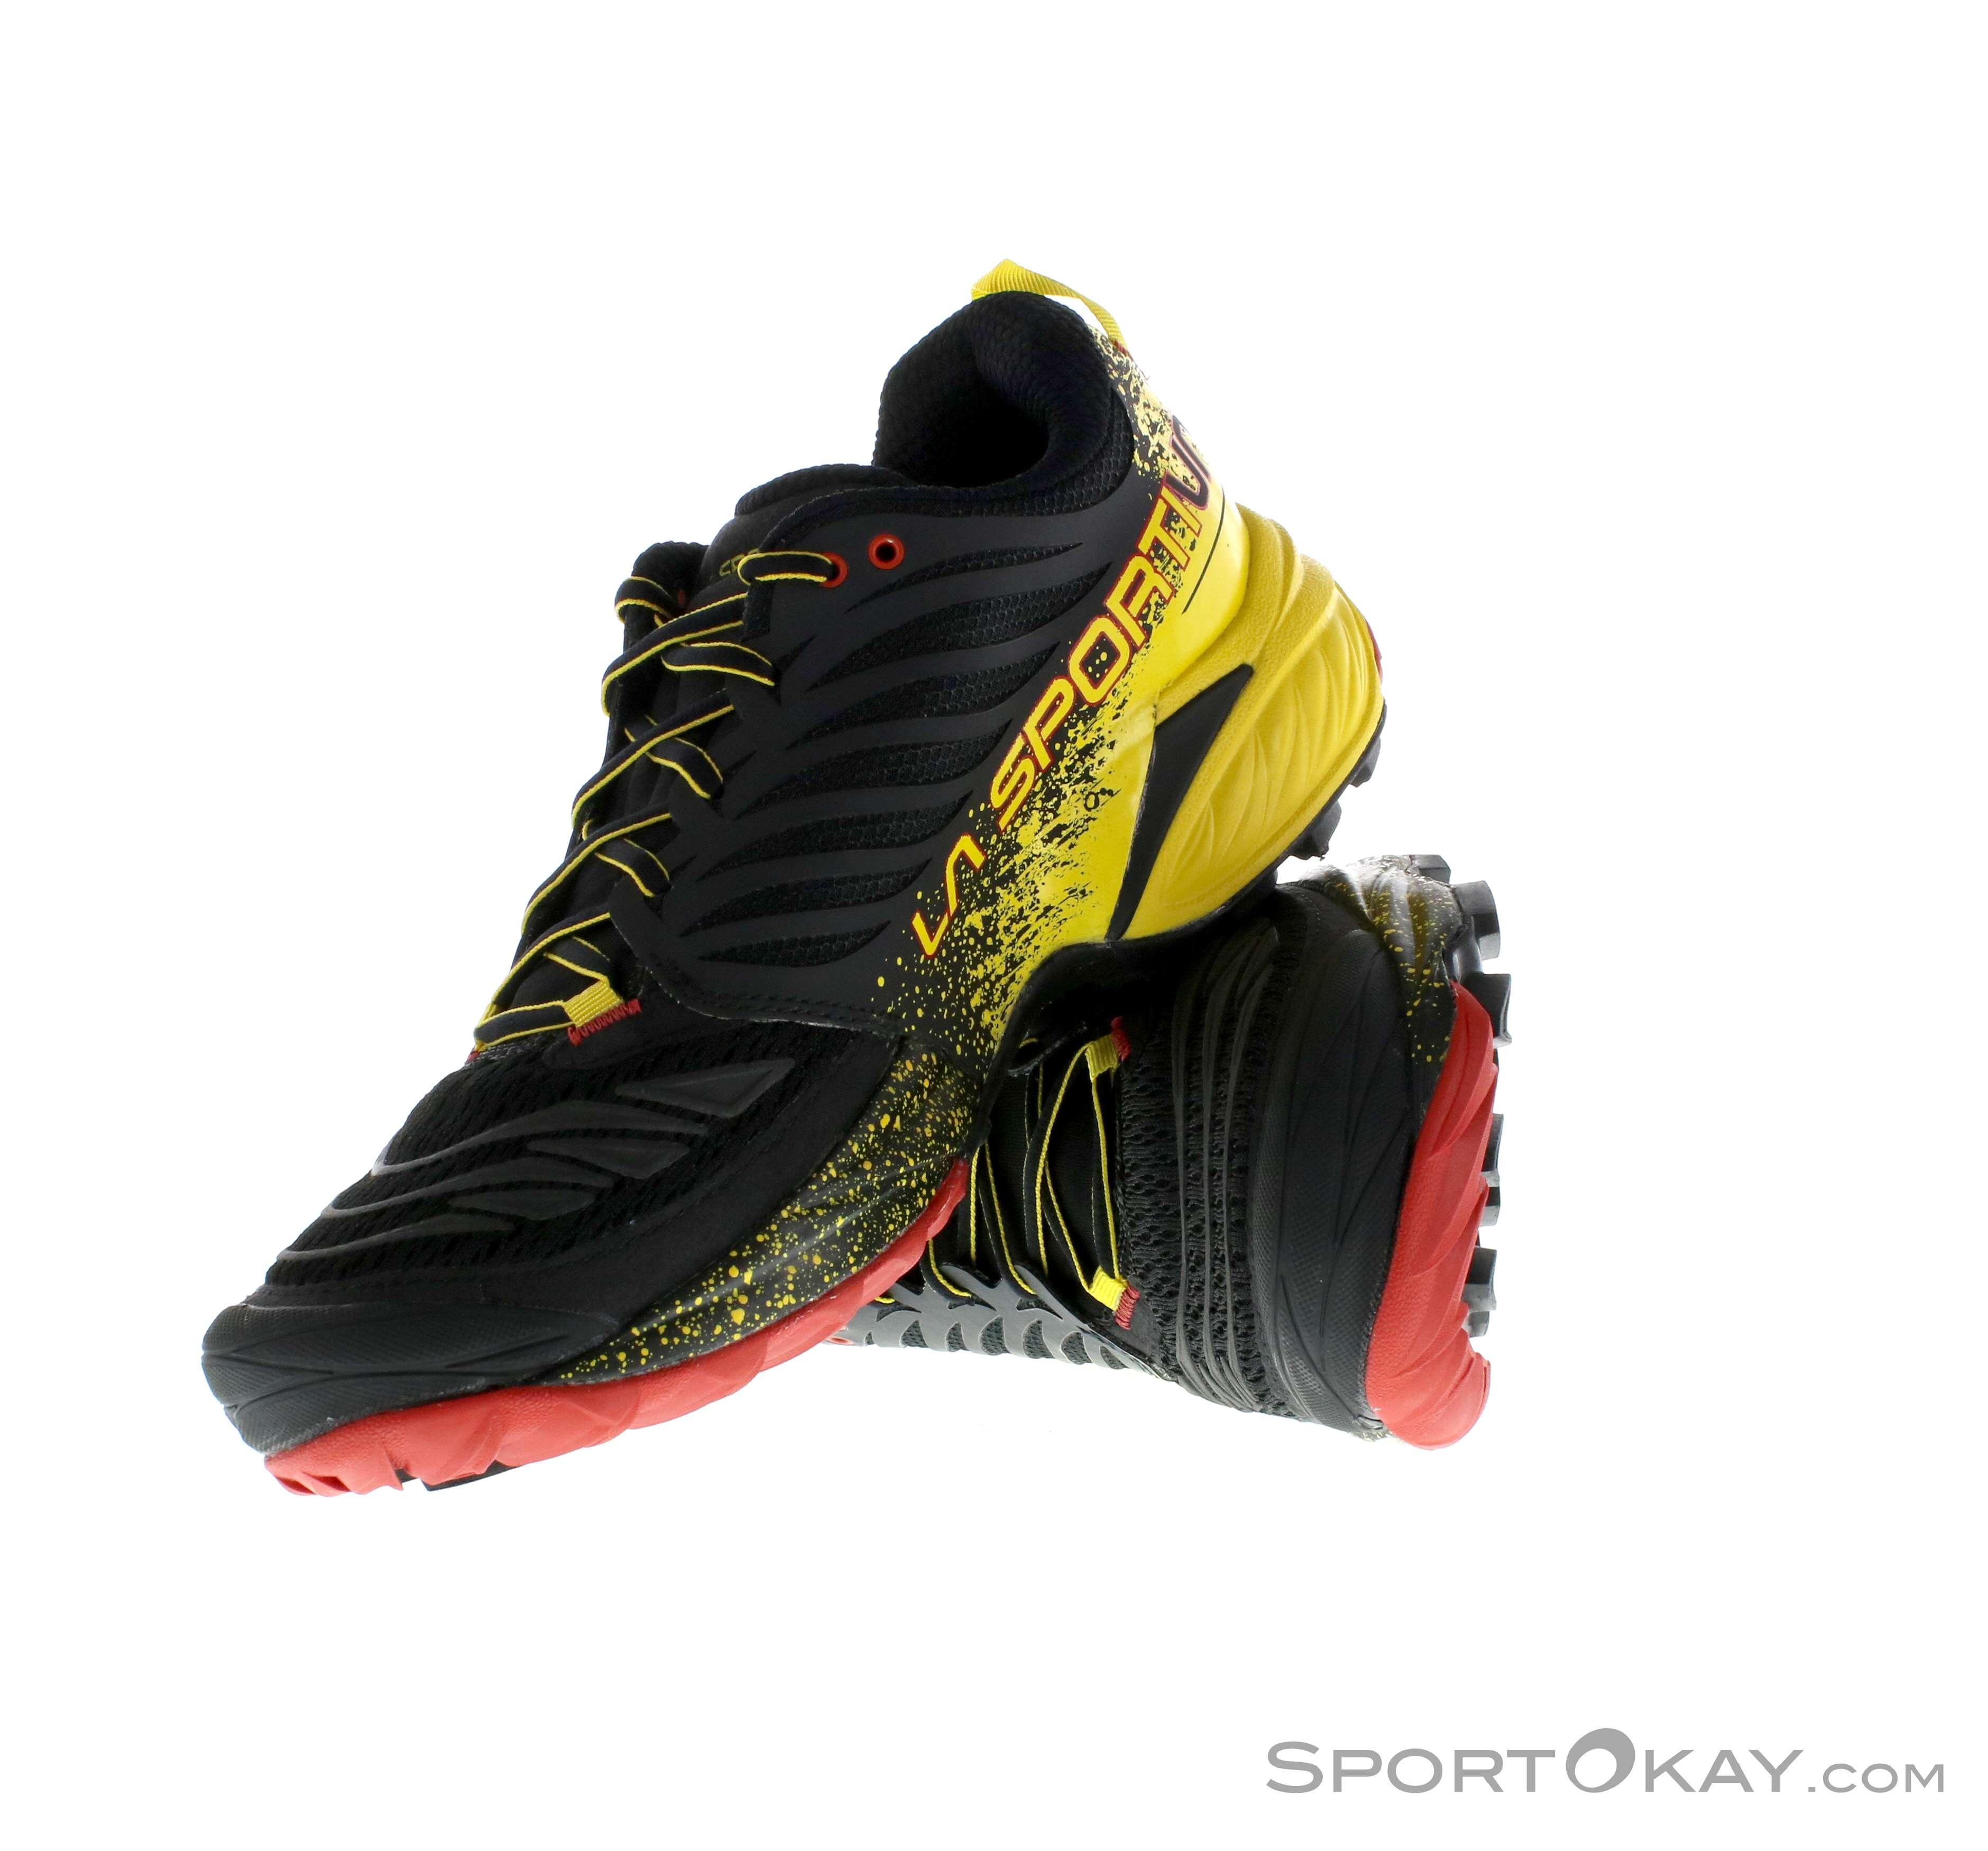 La Sportiva Akasha Uomo Scarpe da Trail Running - Scarpe da trail ... ac8208af42a